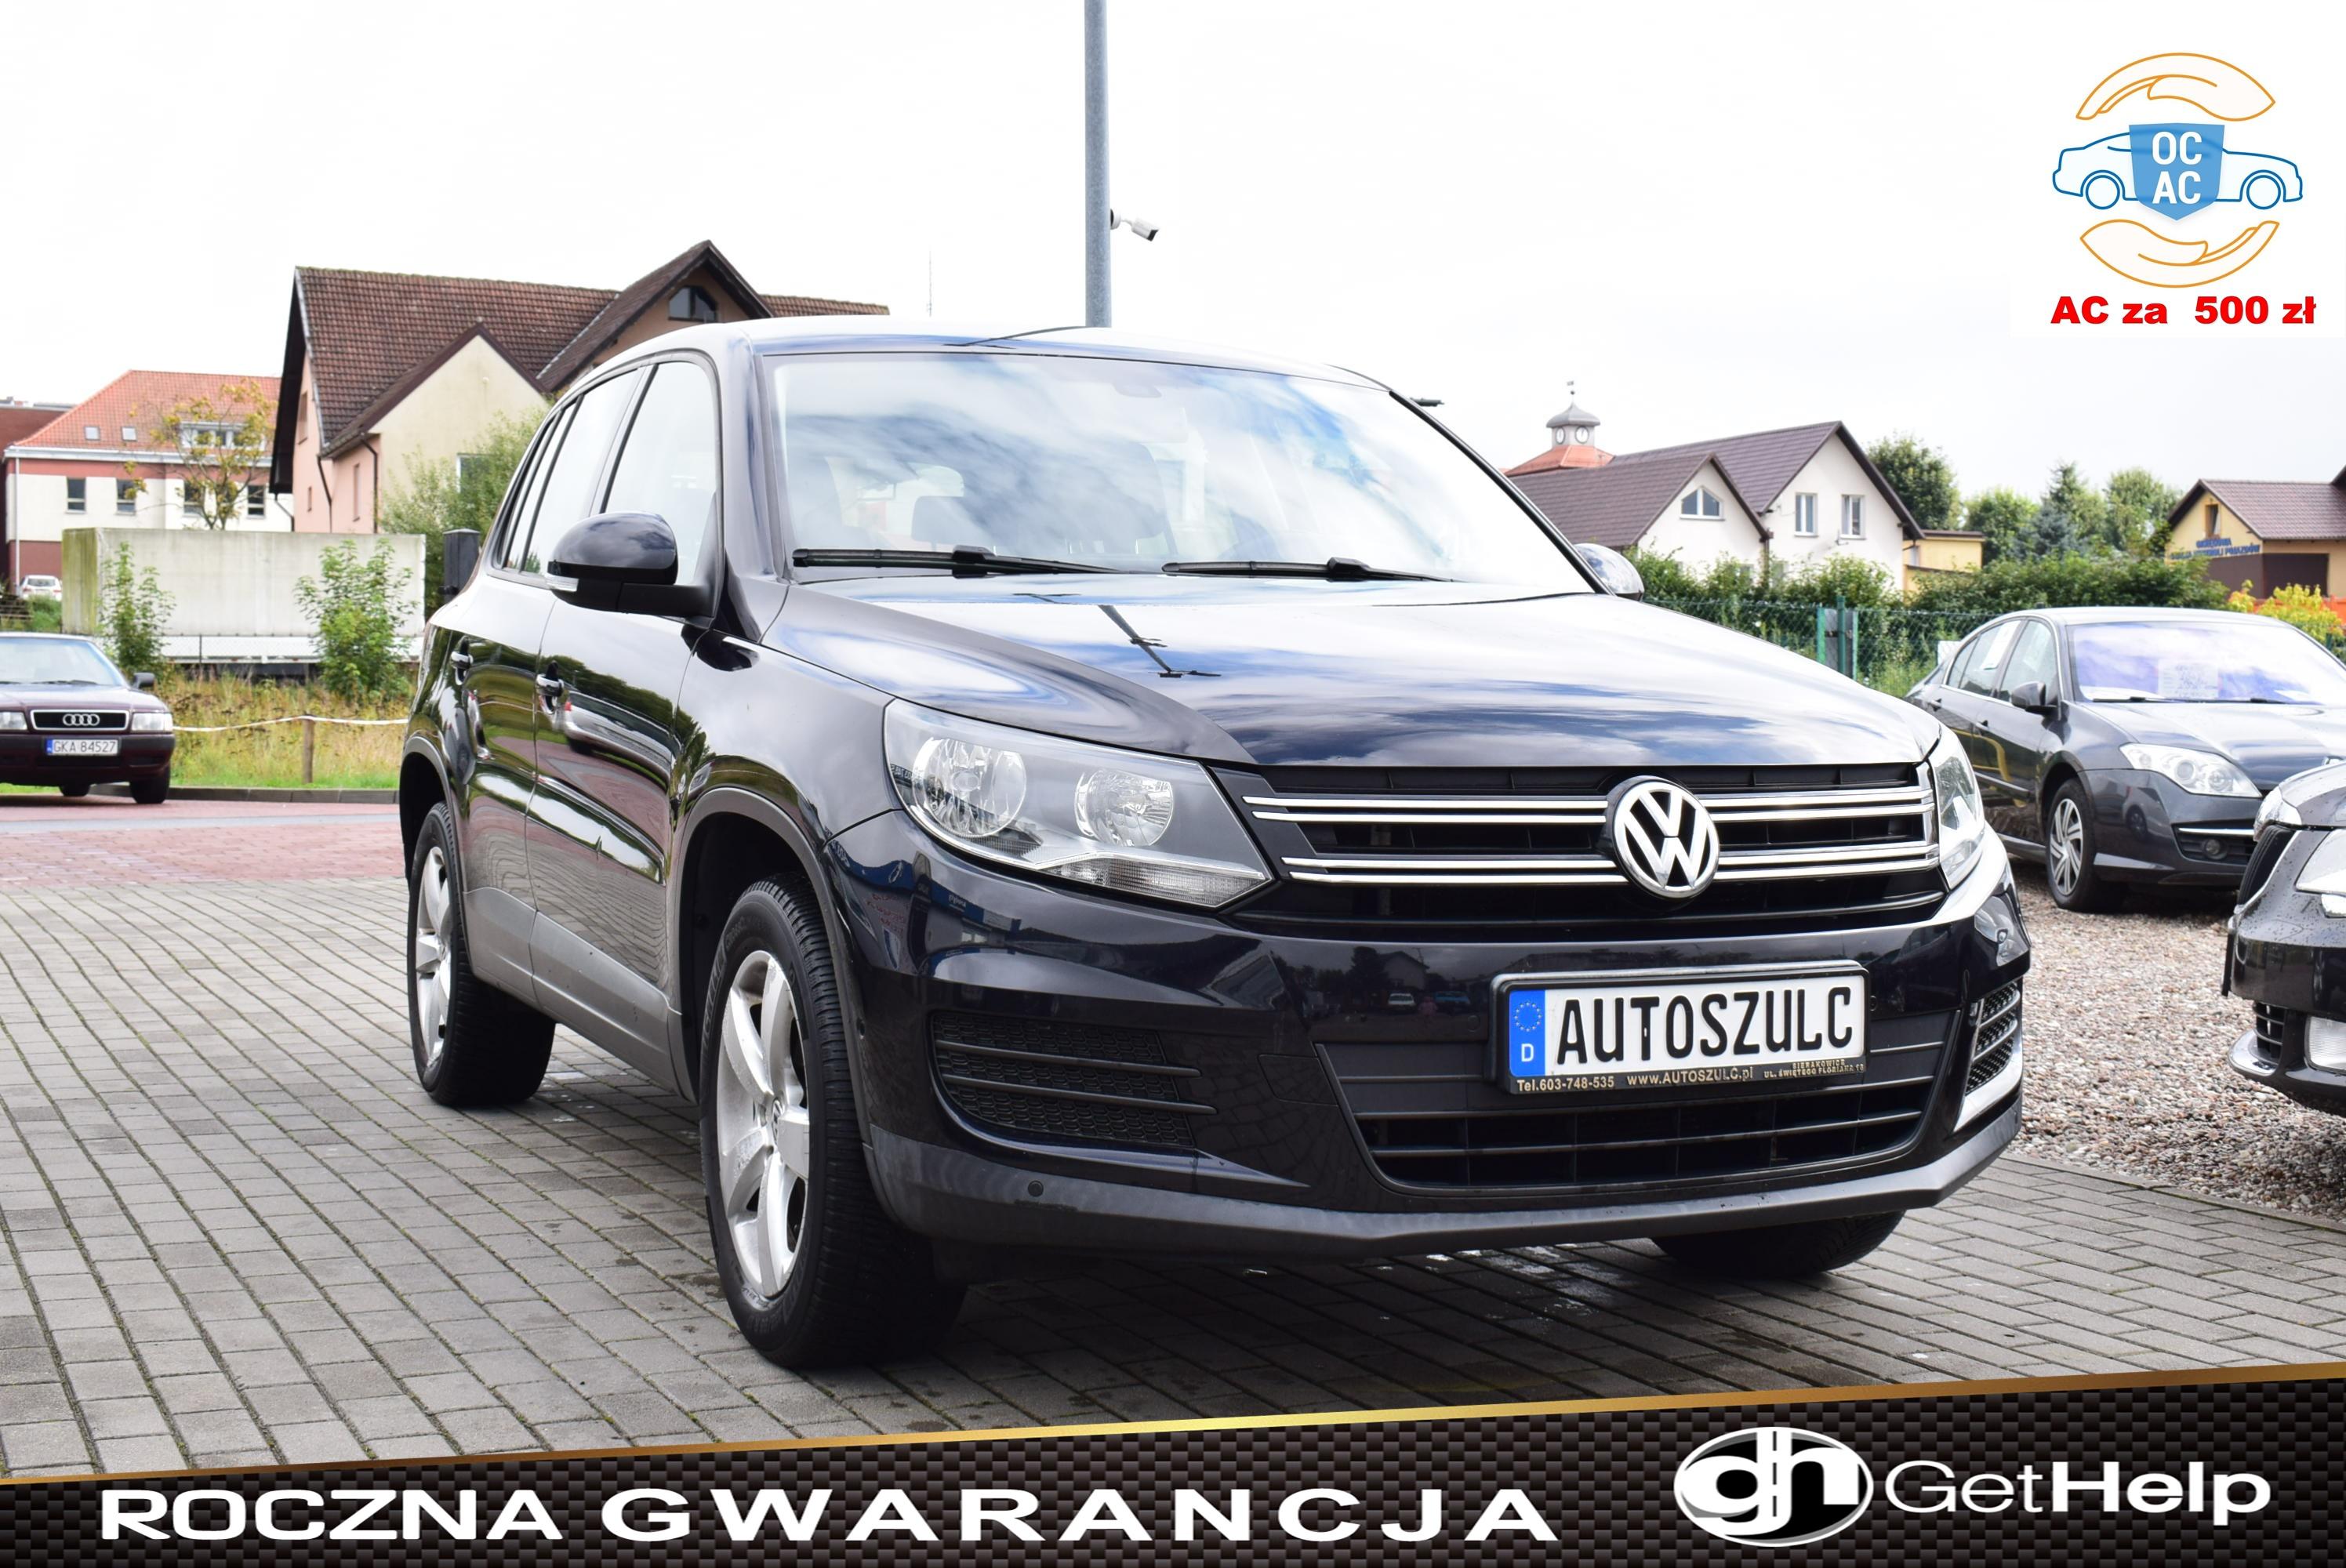 VW Tiguan 1.4 Benzyna, Nowy Model, Sprowadzony, Serwisowany do końca, Bardzo ładny, Rok Gwarancji